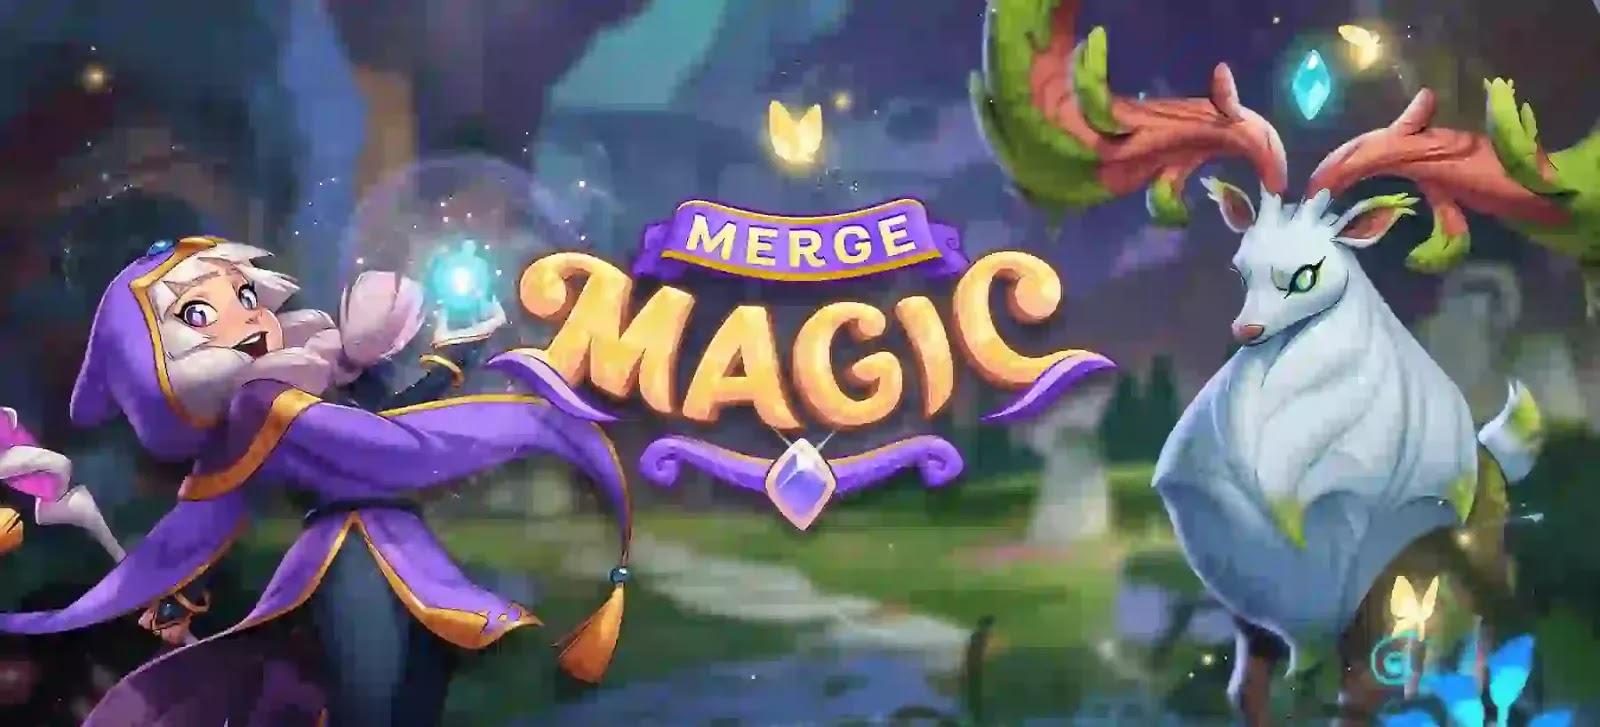 اكتشف الحكايات والمهام المسحورة في عالم Merge Magic الغامض! حيث يمكنك دمج كل شيء في عناصر أفضل وأكثر قوة لرحلتك.